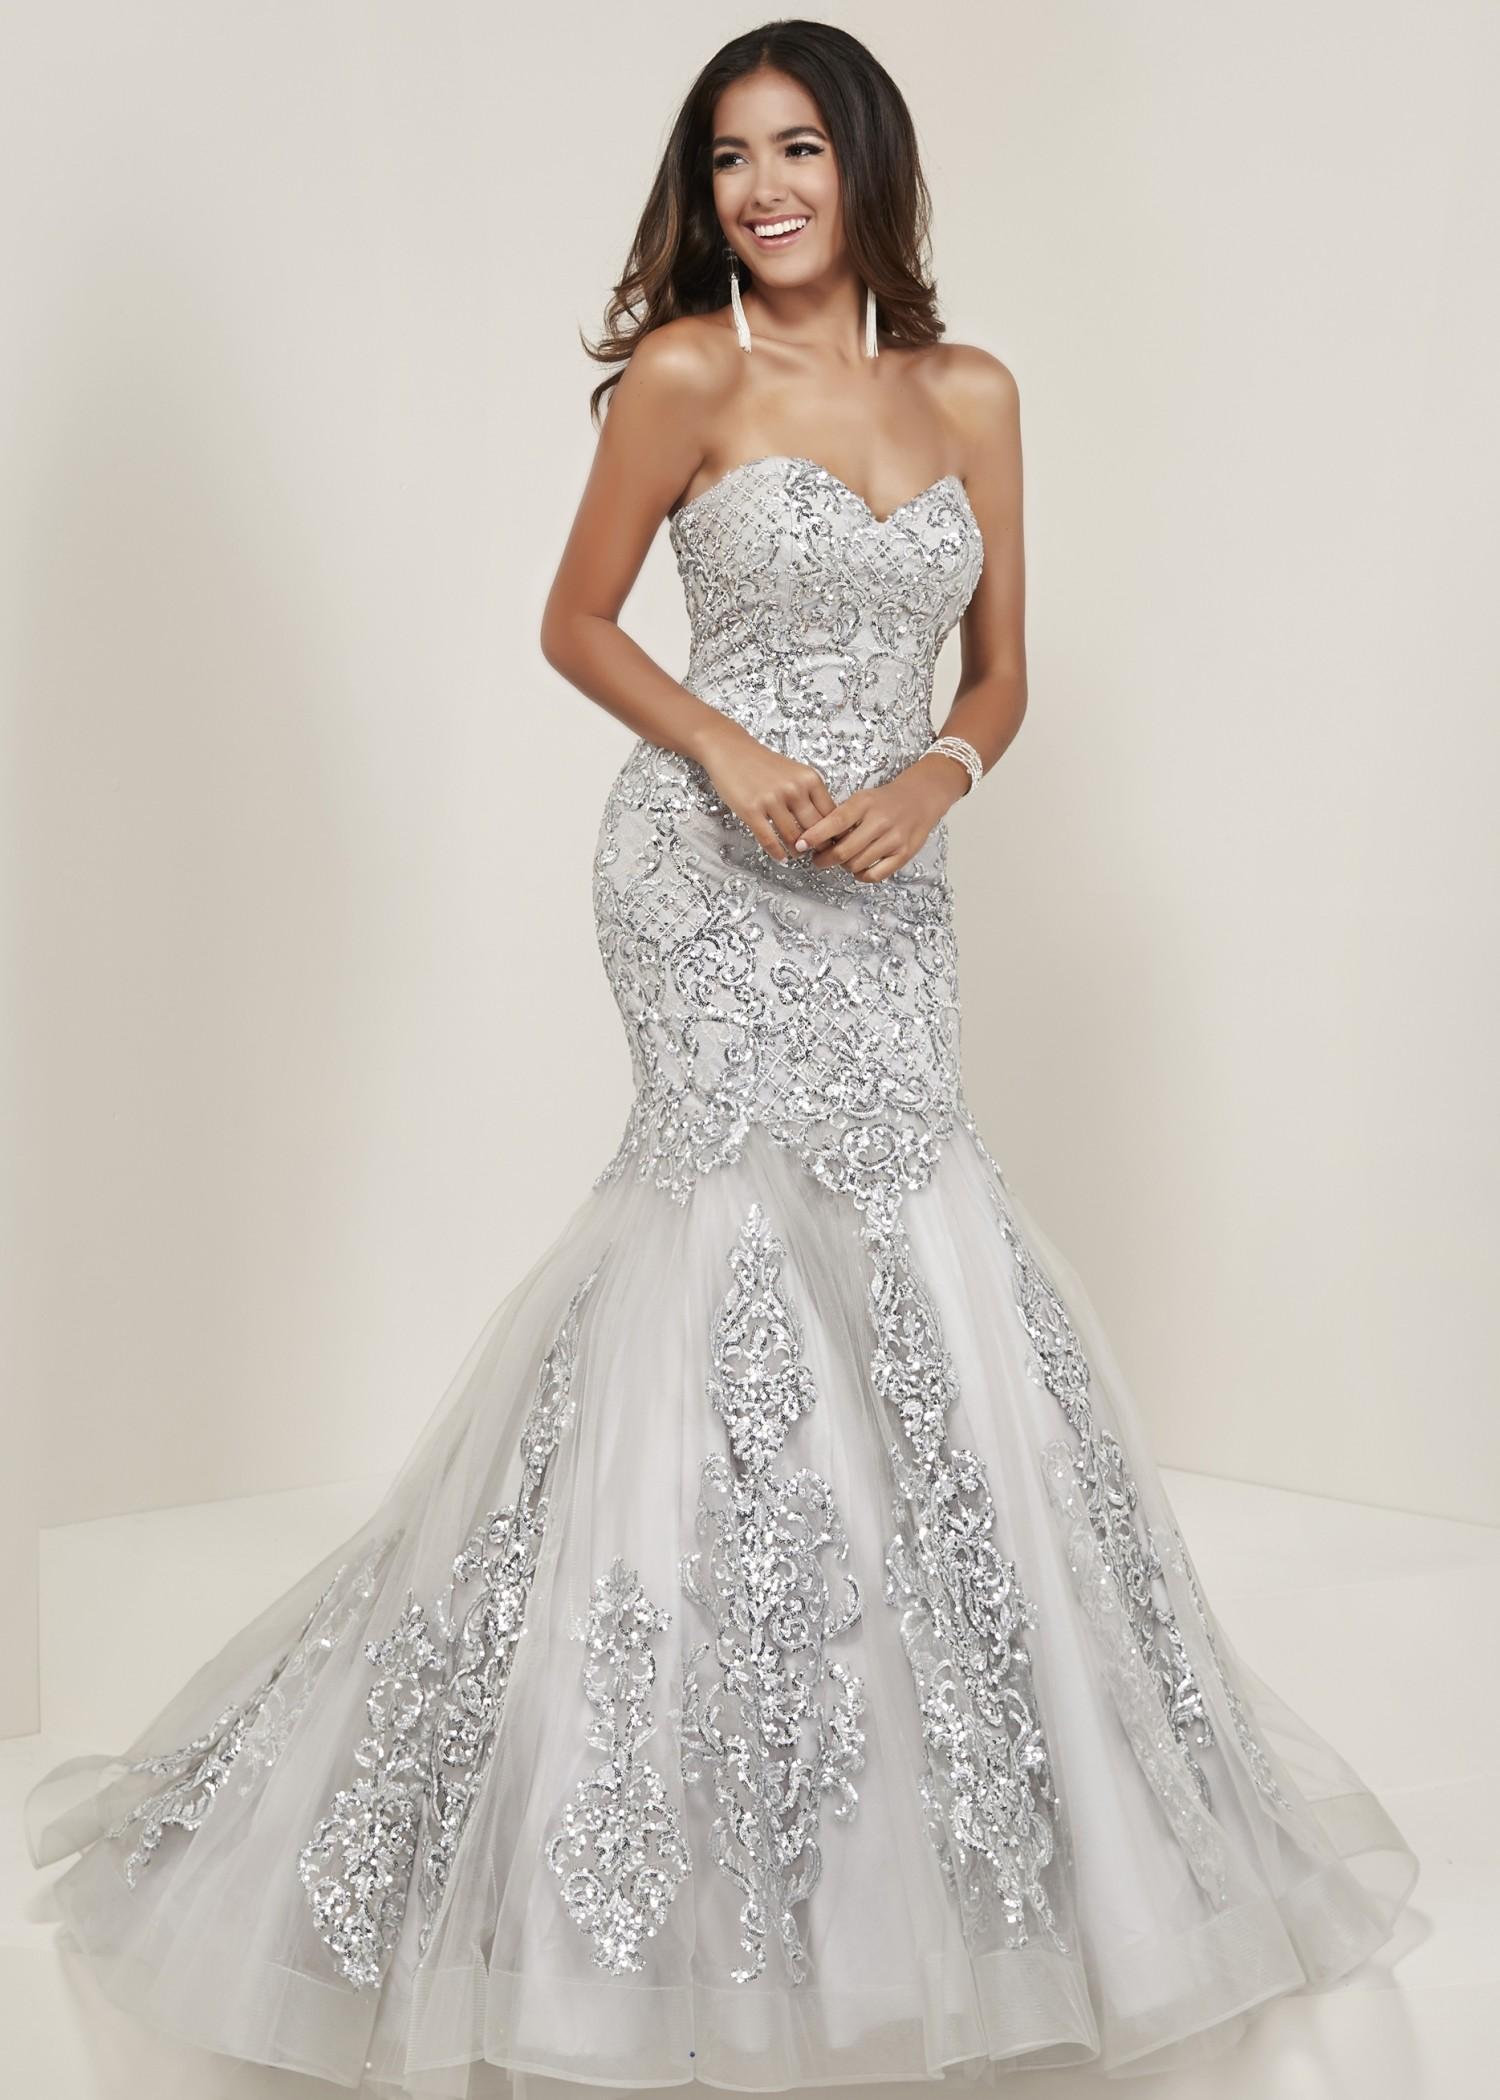 Tiffany Designs 16356